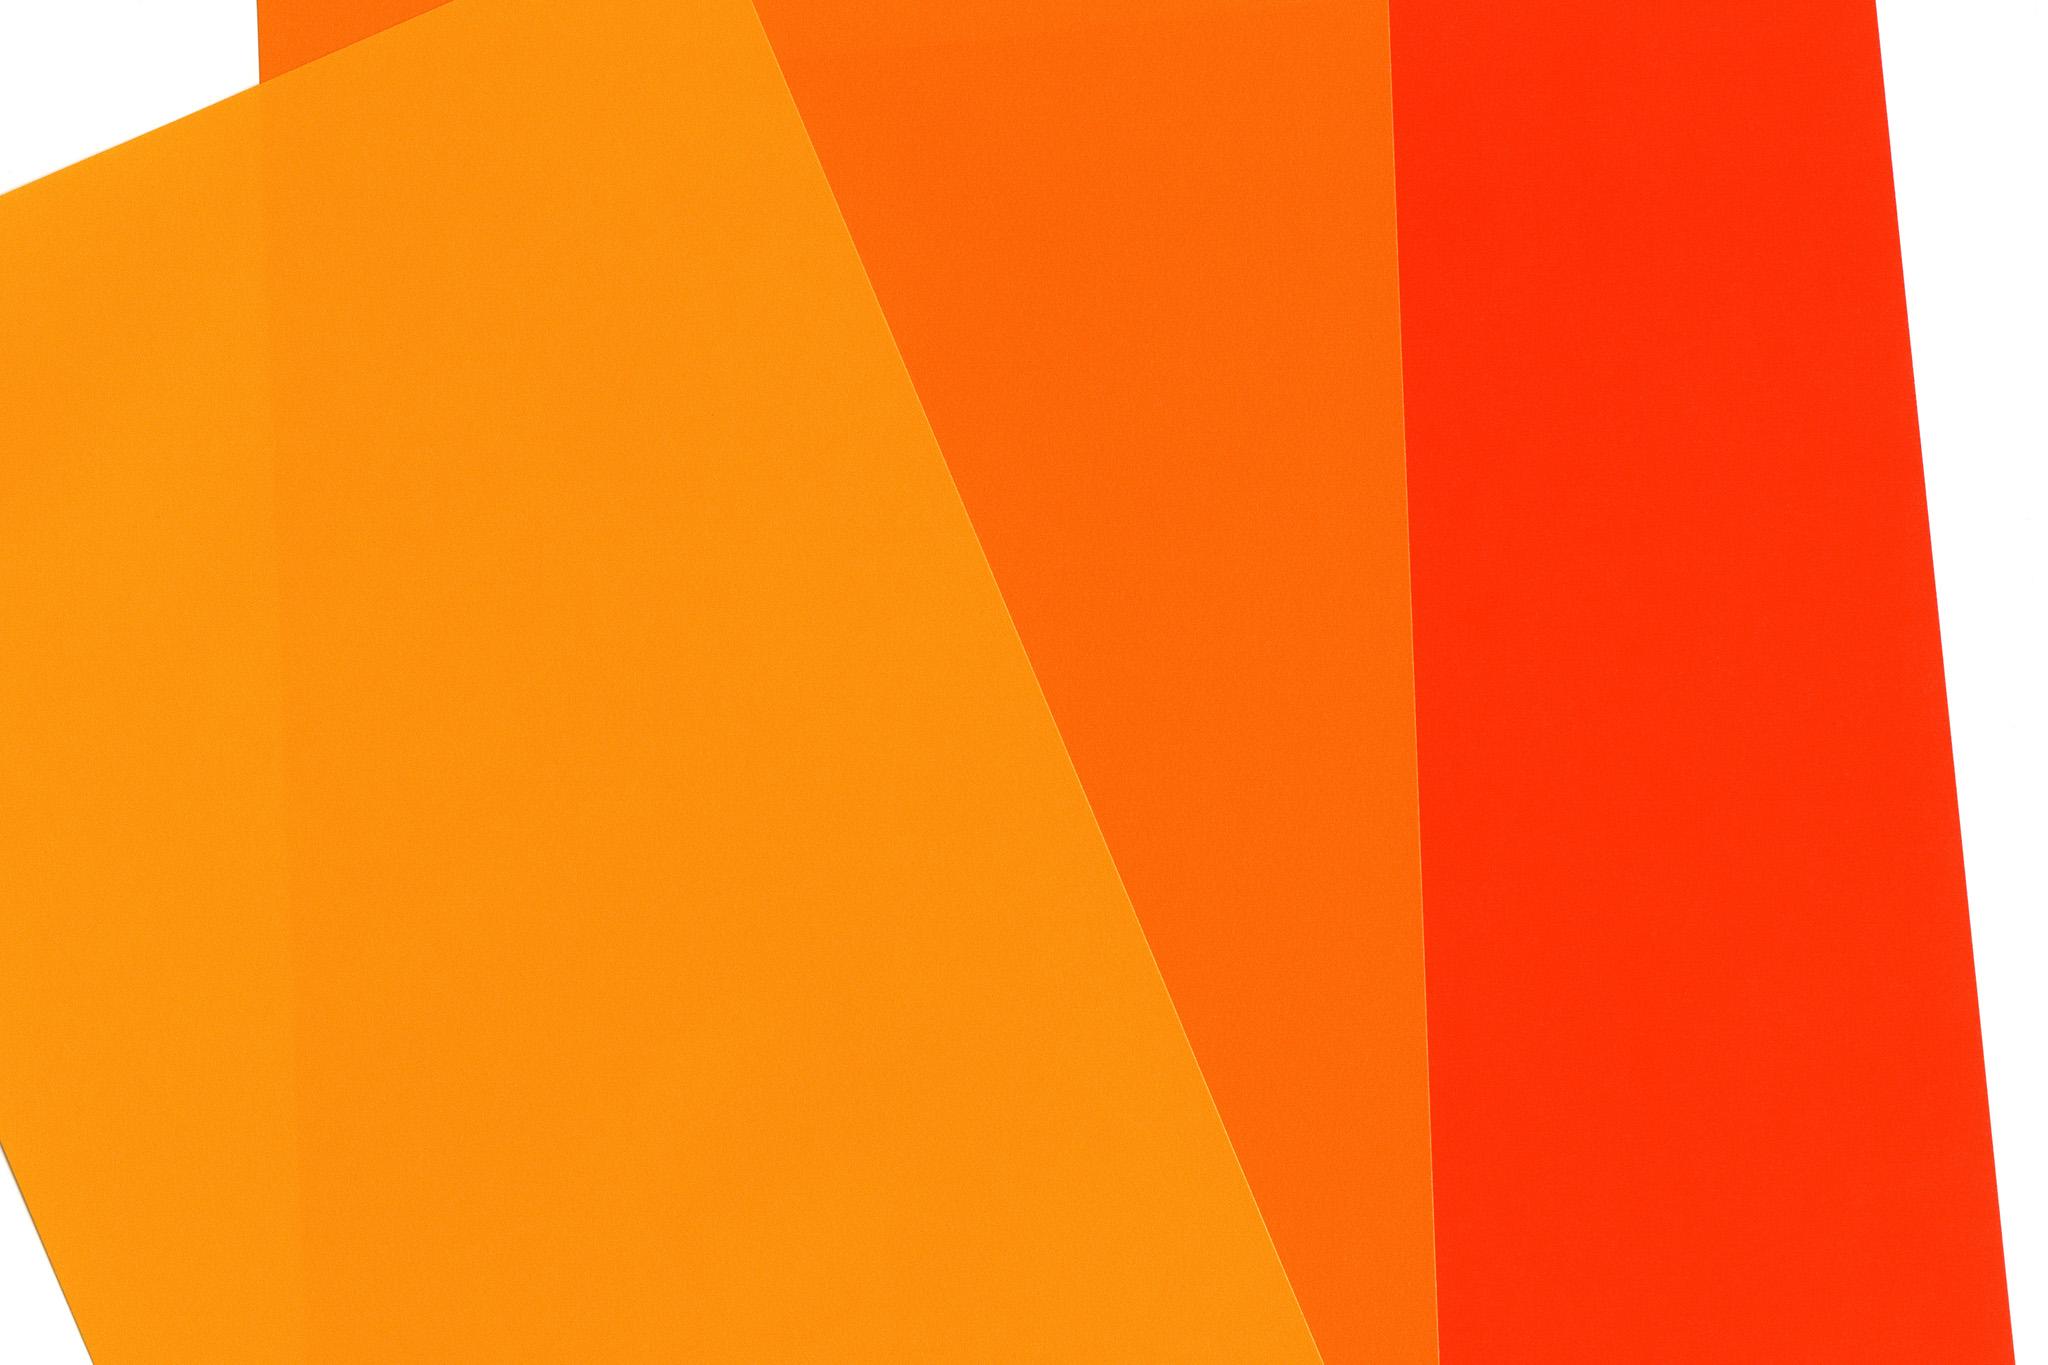 「暖色系の折り紙のテクスチャ」